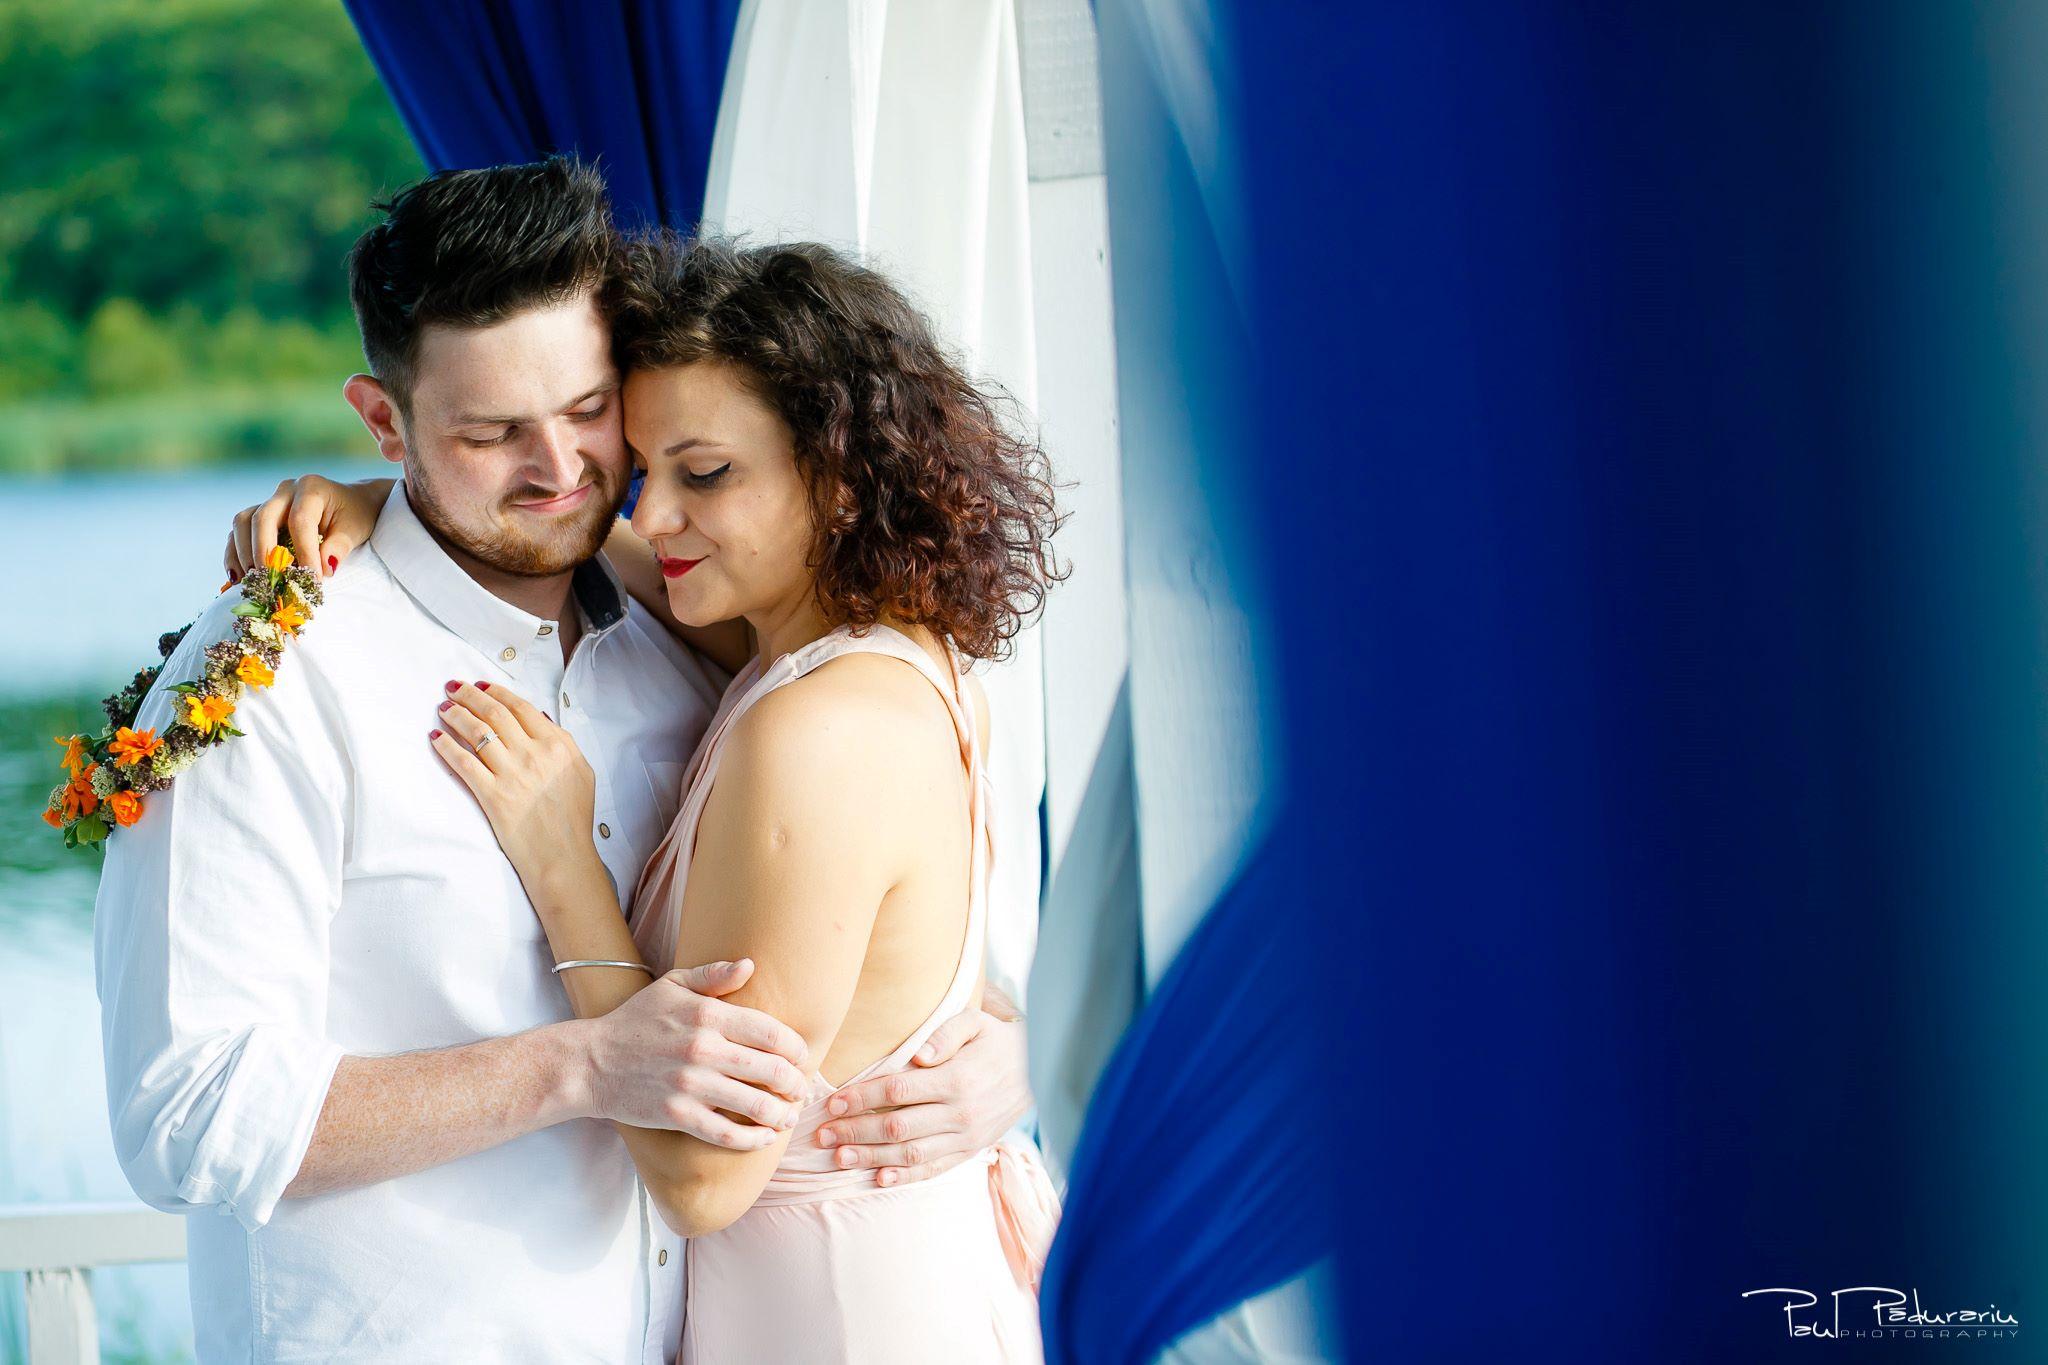 Mircea si Adina - shooting outdoor fotografie logodna | paul padurariu fotograf iasi 2019 11